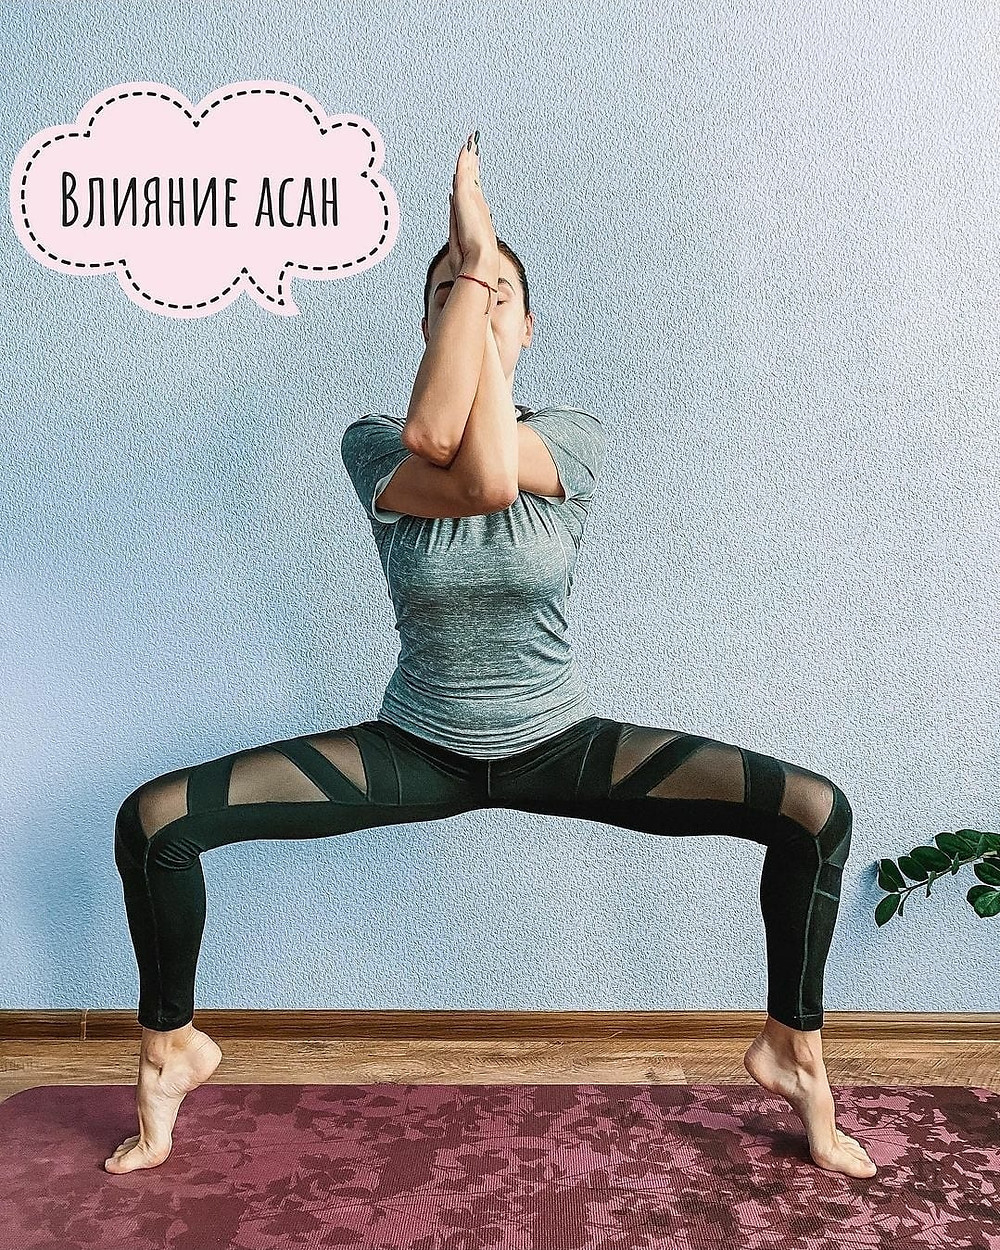 обо всем и ни о чем, обо всем, женская территория, женский сайт, сайт для женщин, женский юмор, юмор в картинках, юмор, сарказм, смешные картинки, женская психология, философия, смешные рассказы, смешные истории, истории для женщин, женщина, женское, блог обо всем, искусство, сайт обо всем, женские группы, йога, все про йогу, полезные советы, йога асаны, йога для начинающих, польза от йоги, йога для похудения, йога польза, йога советы, хатха йога, йога виды, йога позы, йога упражнения, эли гордеева, красота и здоровье, женское здоровье, медитация, чакры, дыхательные техники, йога для беременных, бакасана, что такое бакасана